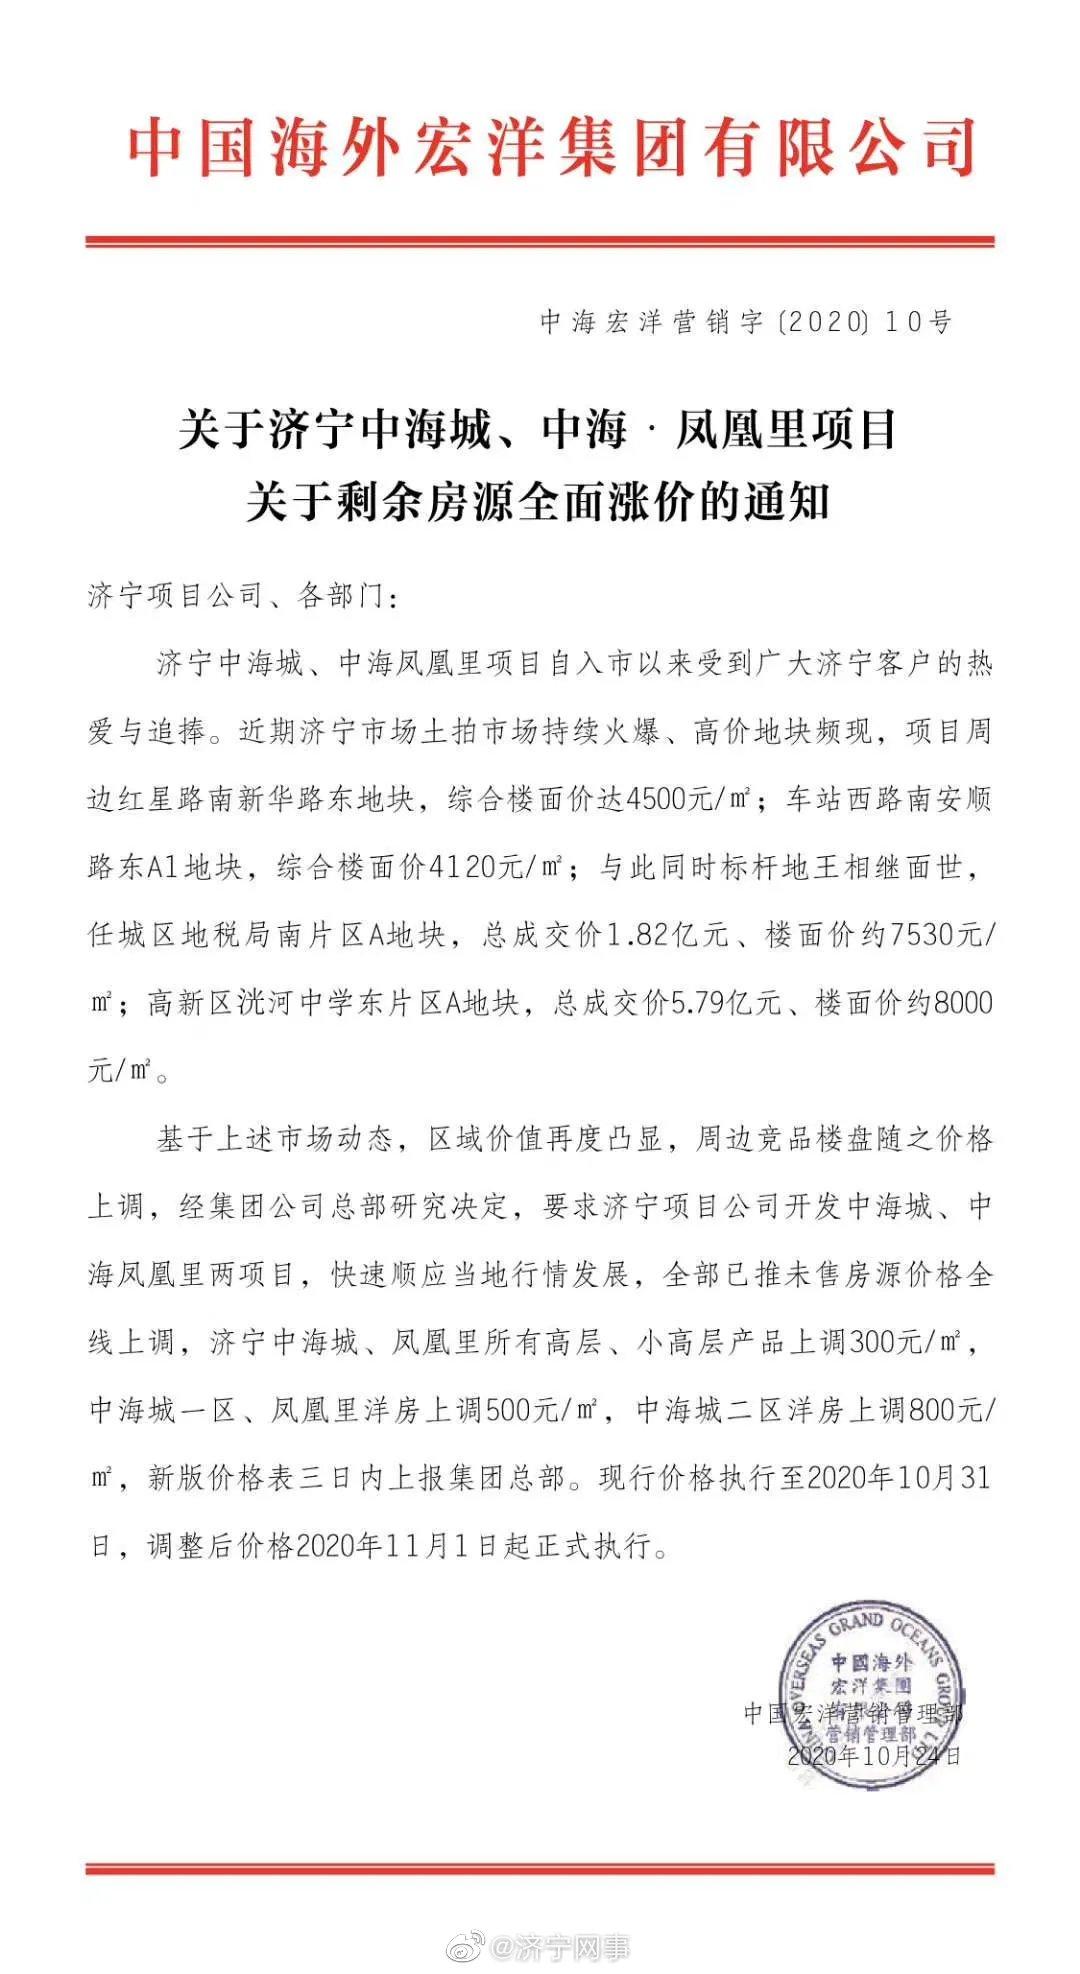 扰乱济宁房地产市场,中海,你想干啥